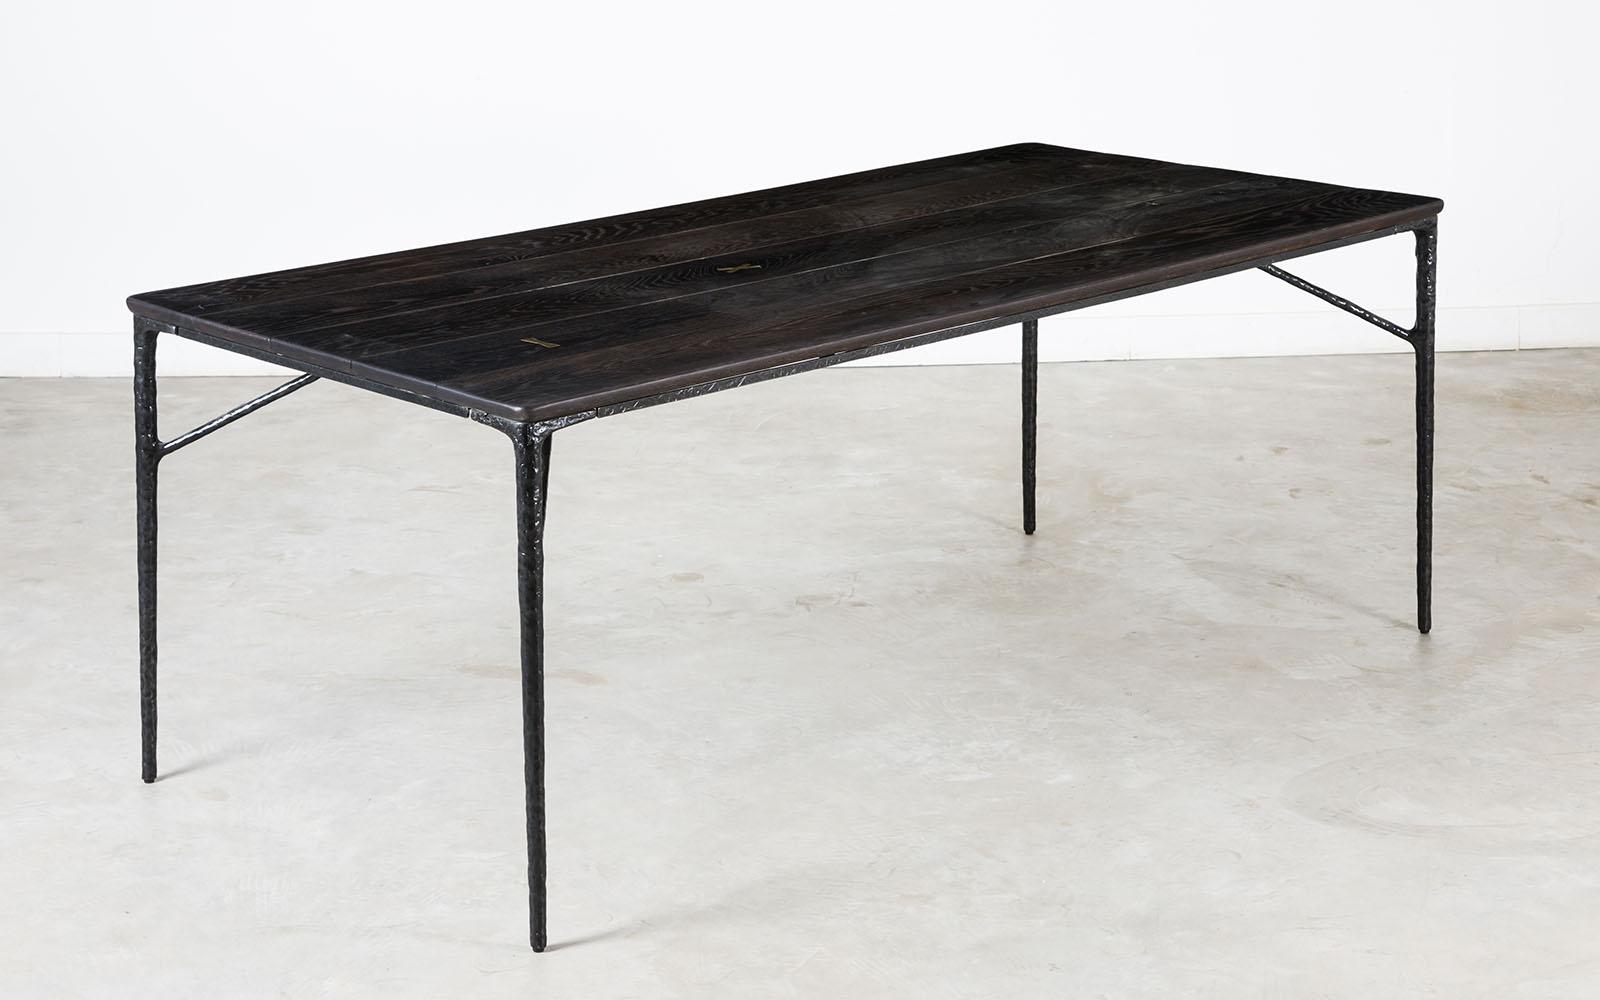 Kulu Regarding Famous Dining Tables In Seared Oak (View 18 of 30)